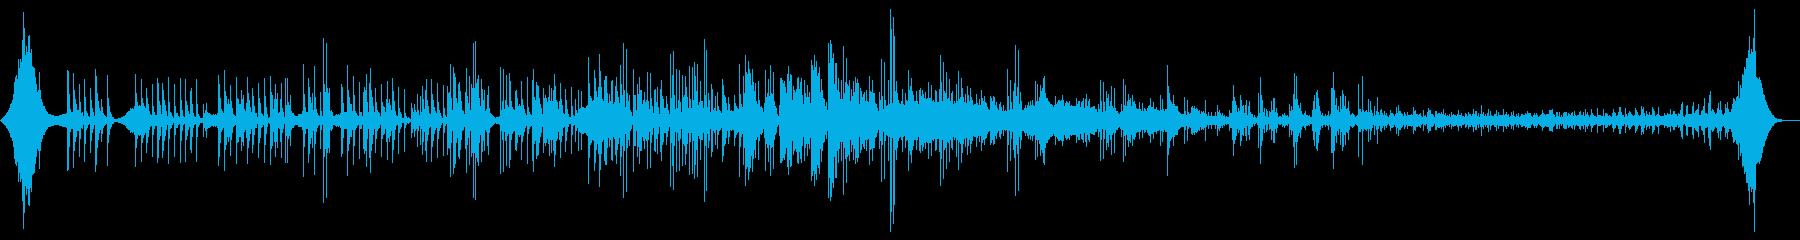 静かな目覚めを導くカリンバの響きをどうぞの再生済みの波形